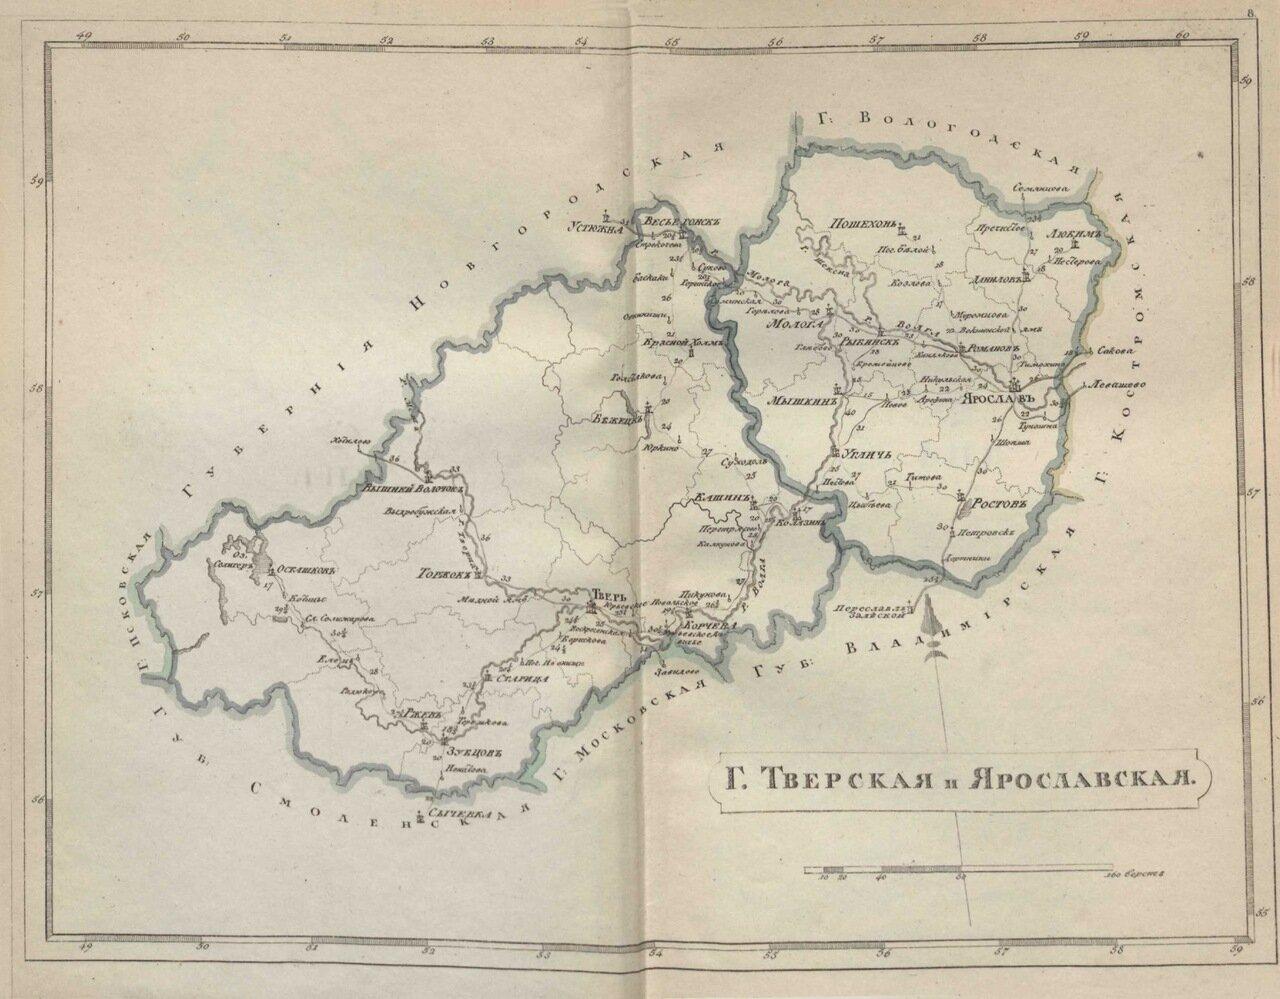 8. г. Тверская и Ярославская